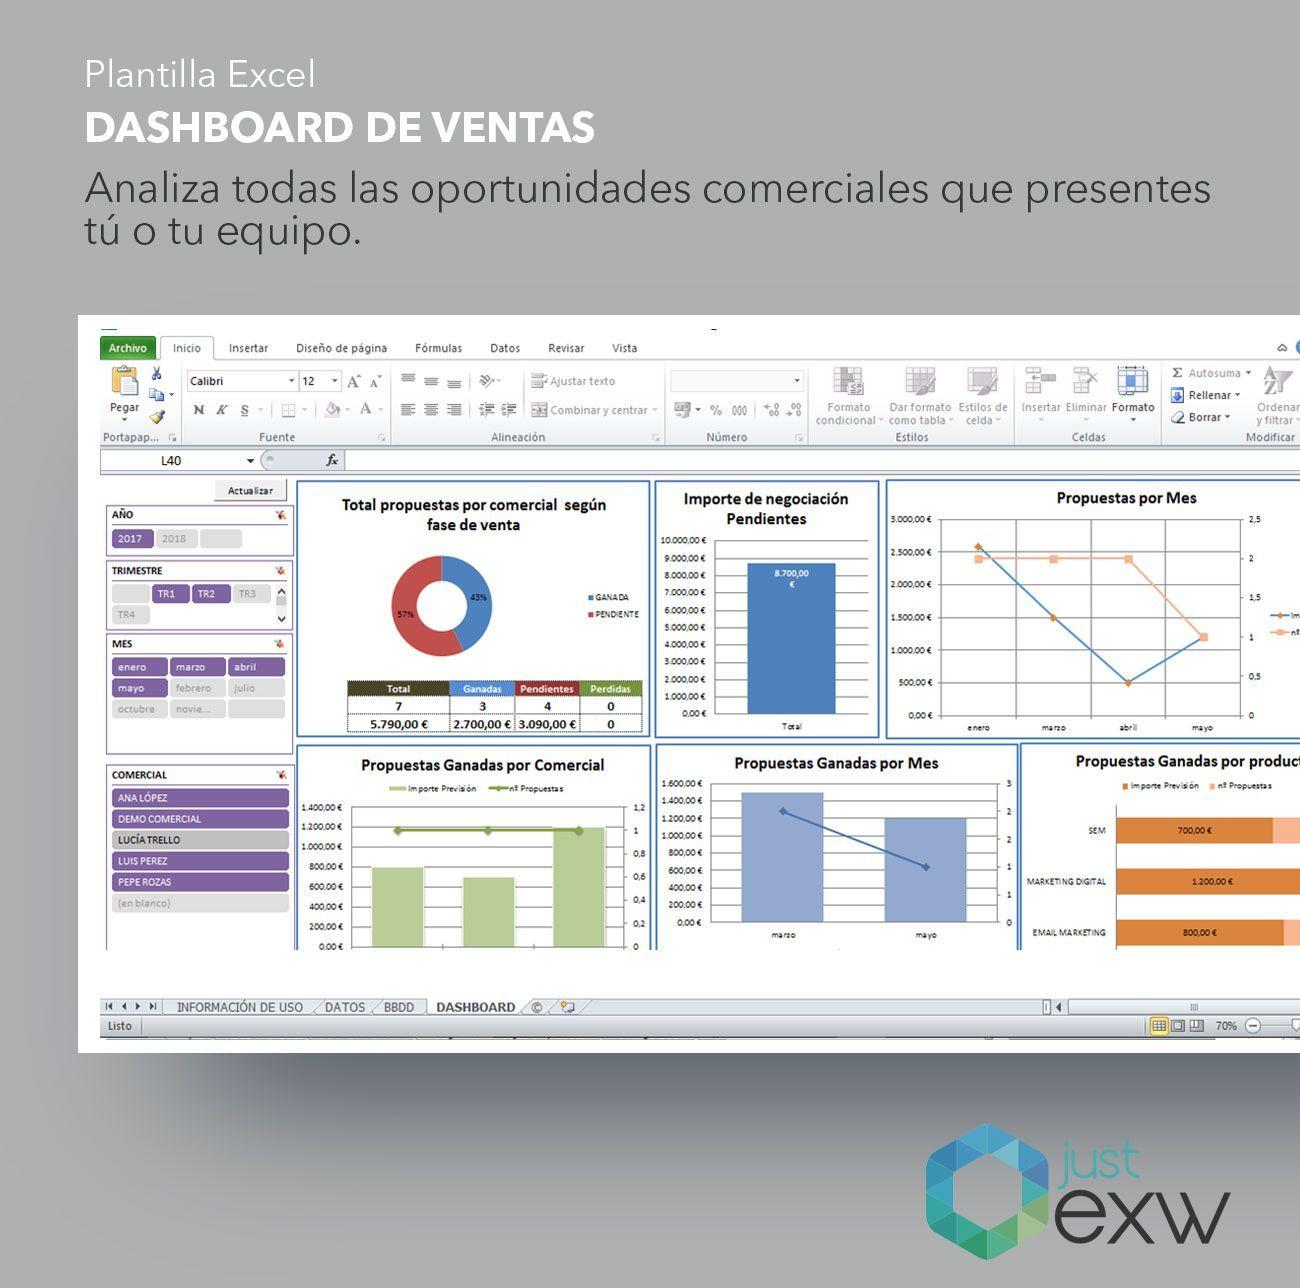 Plantilla dashboar de ventas en Excel